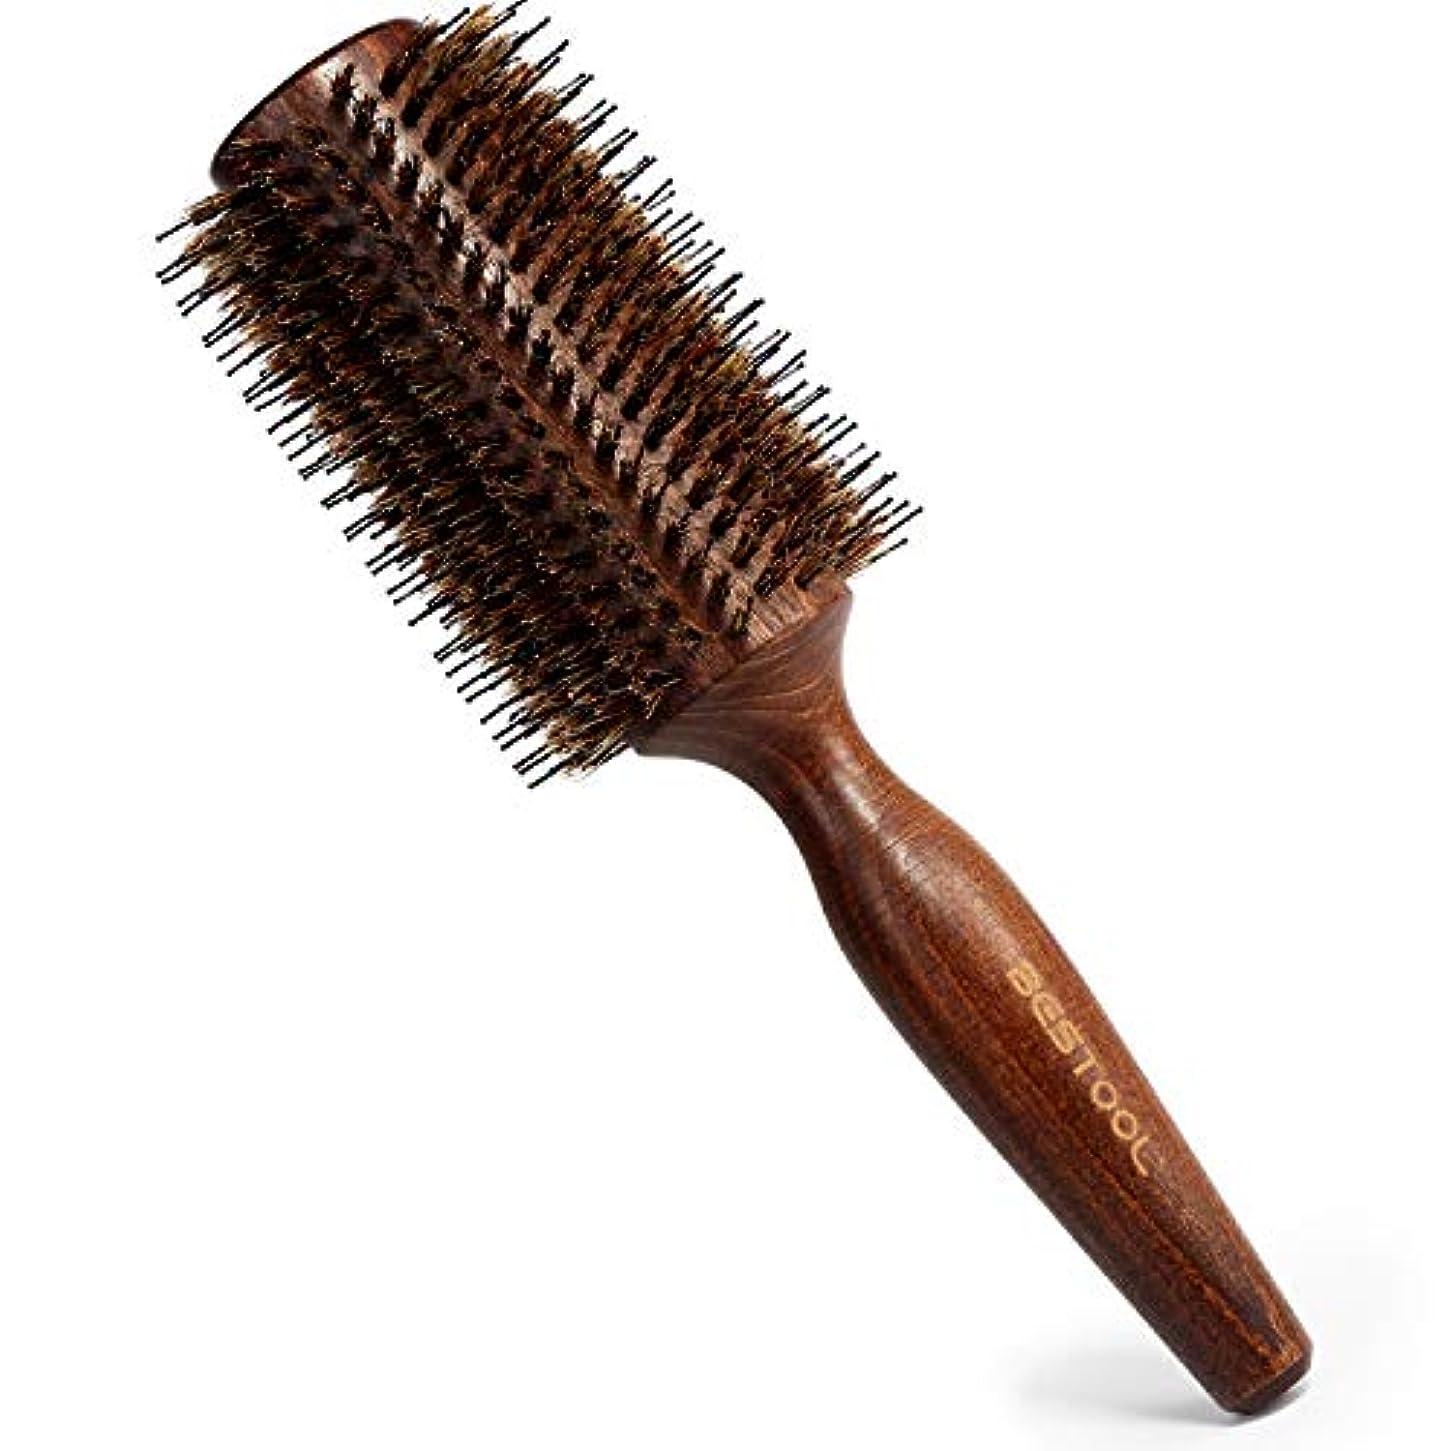 独立した主人体系的に豚毛ヘアブラシ ロールブラシ Bestool ケヤキ製 髪をつやつやする ファッションヘアブラシ 新型タイプ 高級美容ヘアブラシ (L, ケヤキ)